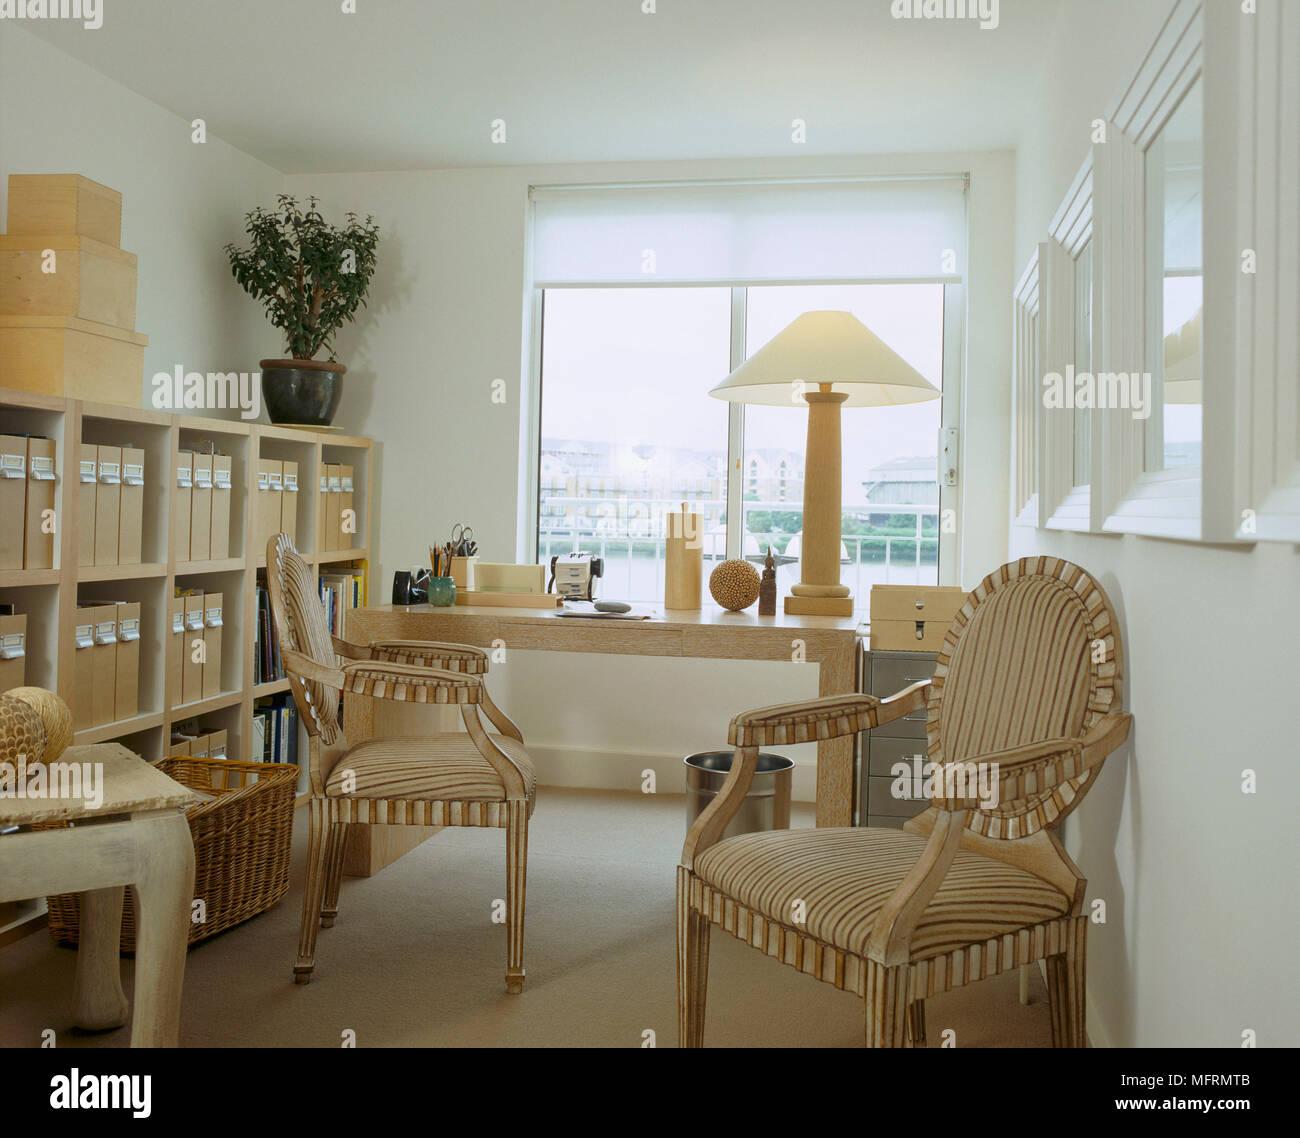 Ein Modernes Buro Arbeitszimmer Mit Tabelle Zeitraum Sessel Regale